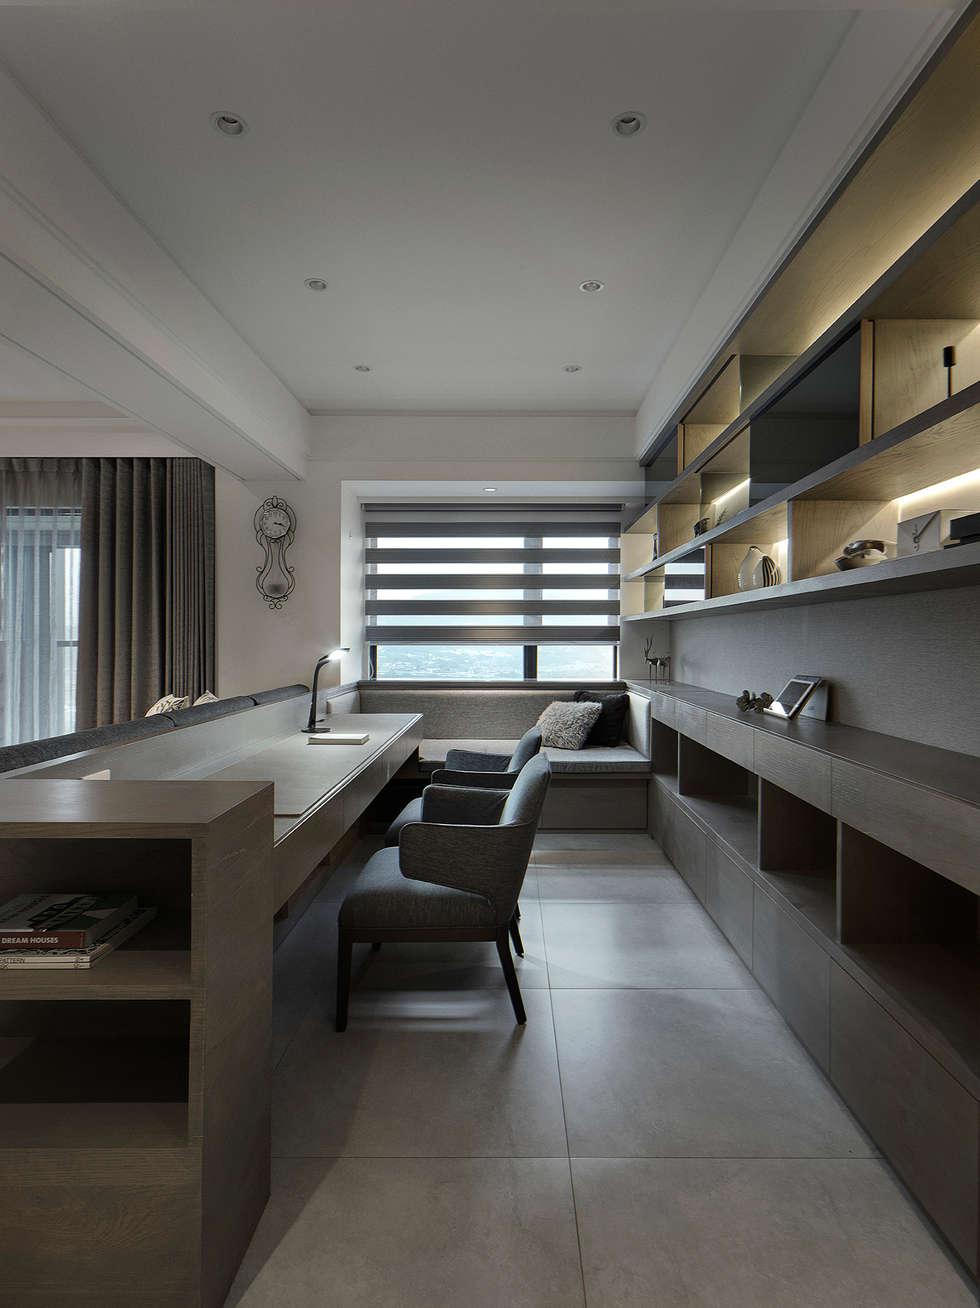 關於家的體感溫度:  書房/辦公室 by 大荷室內裝修設計工程有限公司